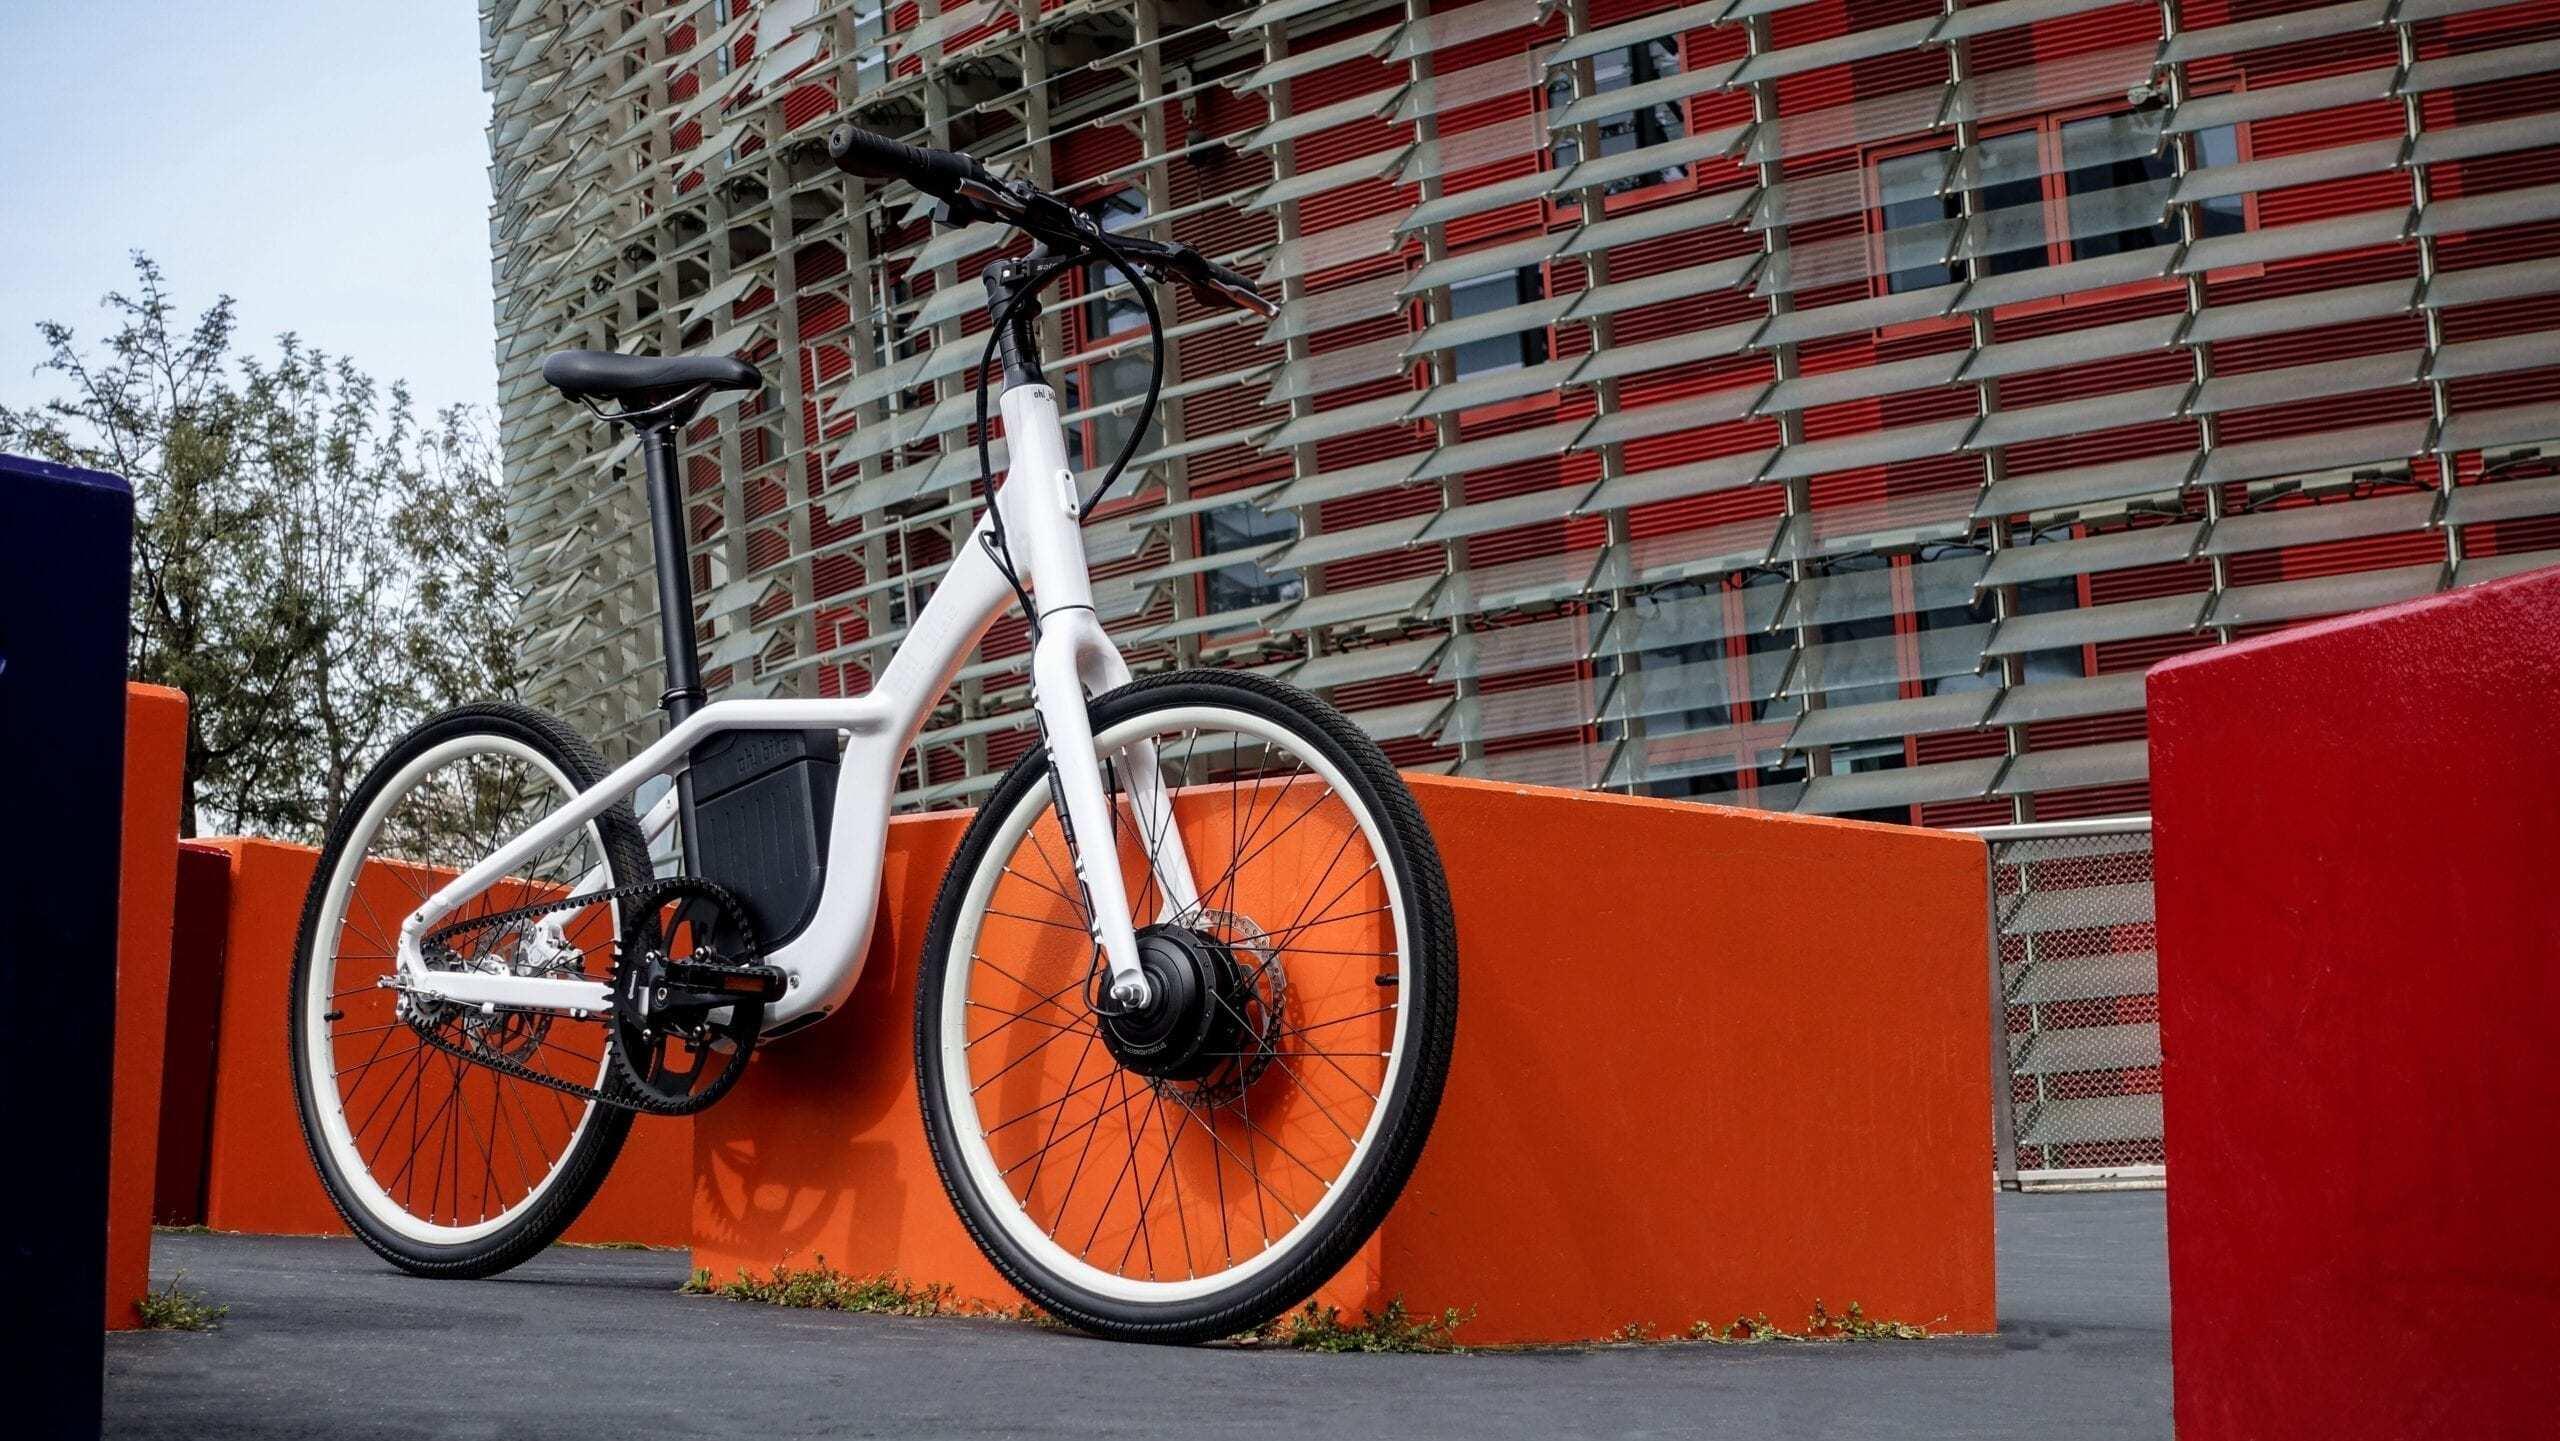 Bicicleta 100 120 kilos